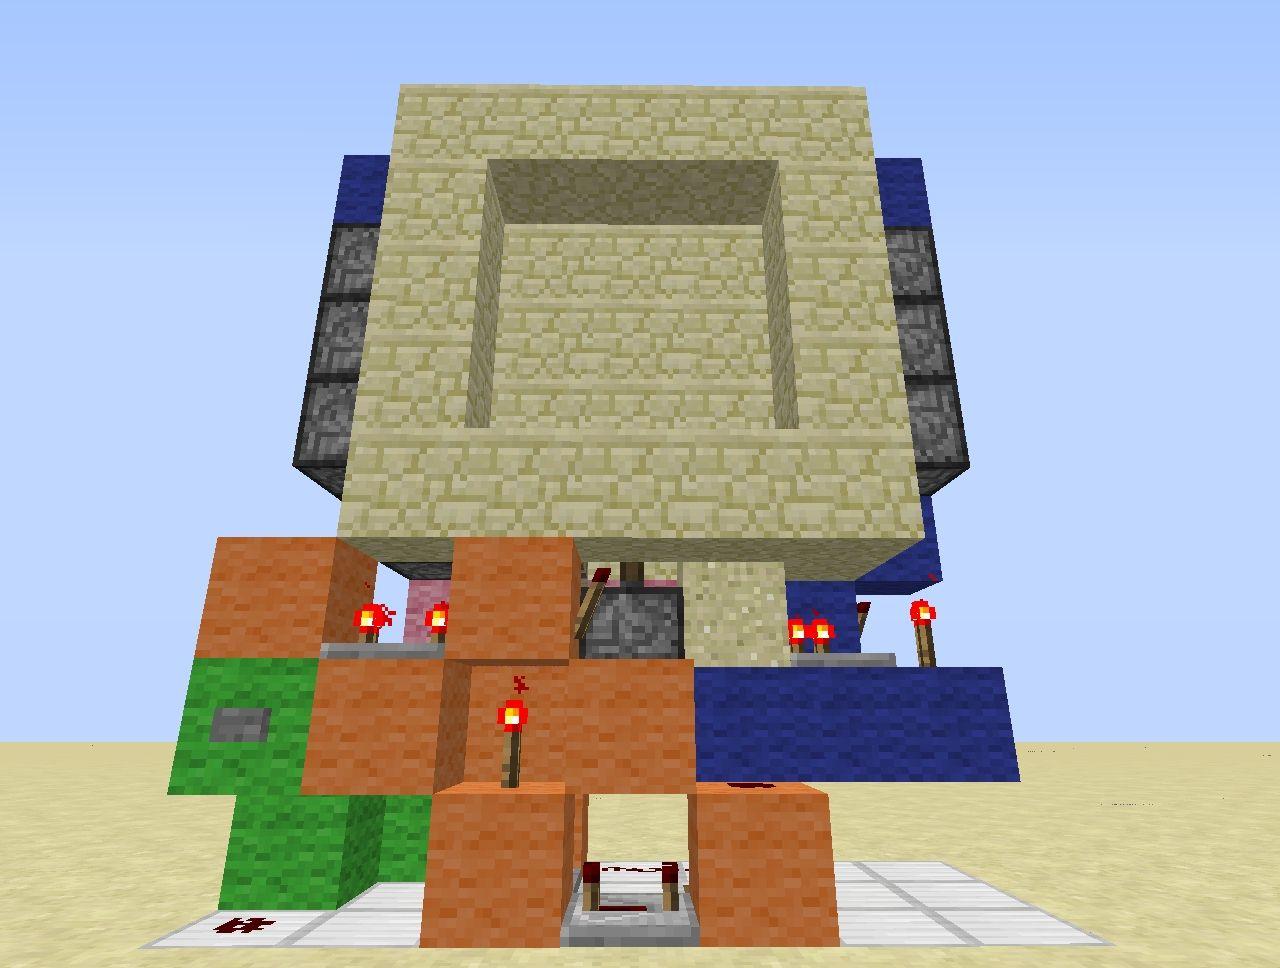 Minecraft Super Compact 3x3 Piston Door [3x7] Minecraft Project on piston motor, piston symbol, piston drawing, piston design, piston heart, piston ring diagram, piston blueprint, piston exploded view, piston components, piston pump diagram, piston assembly, piston valve, piston table, piston tool, piston illustration, piston parts, piston power,